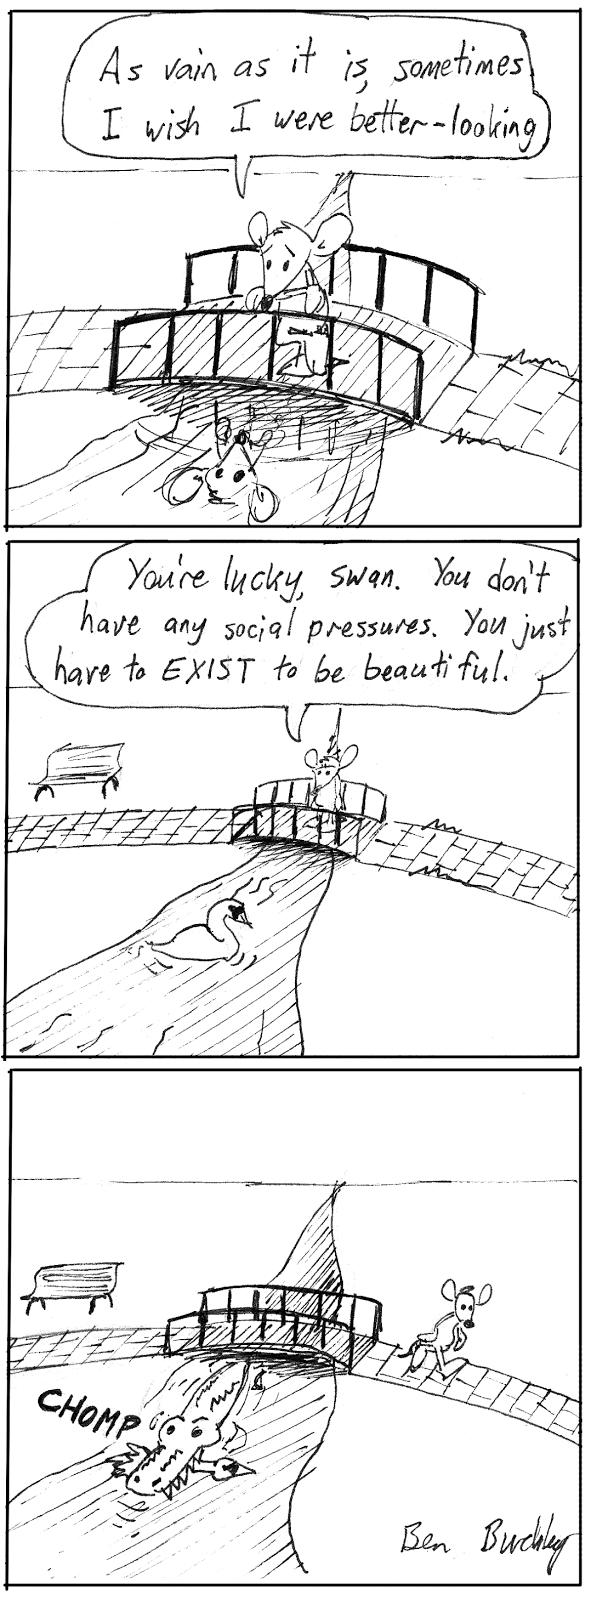 swan_pressures